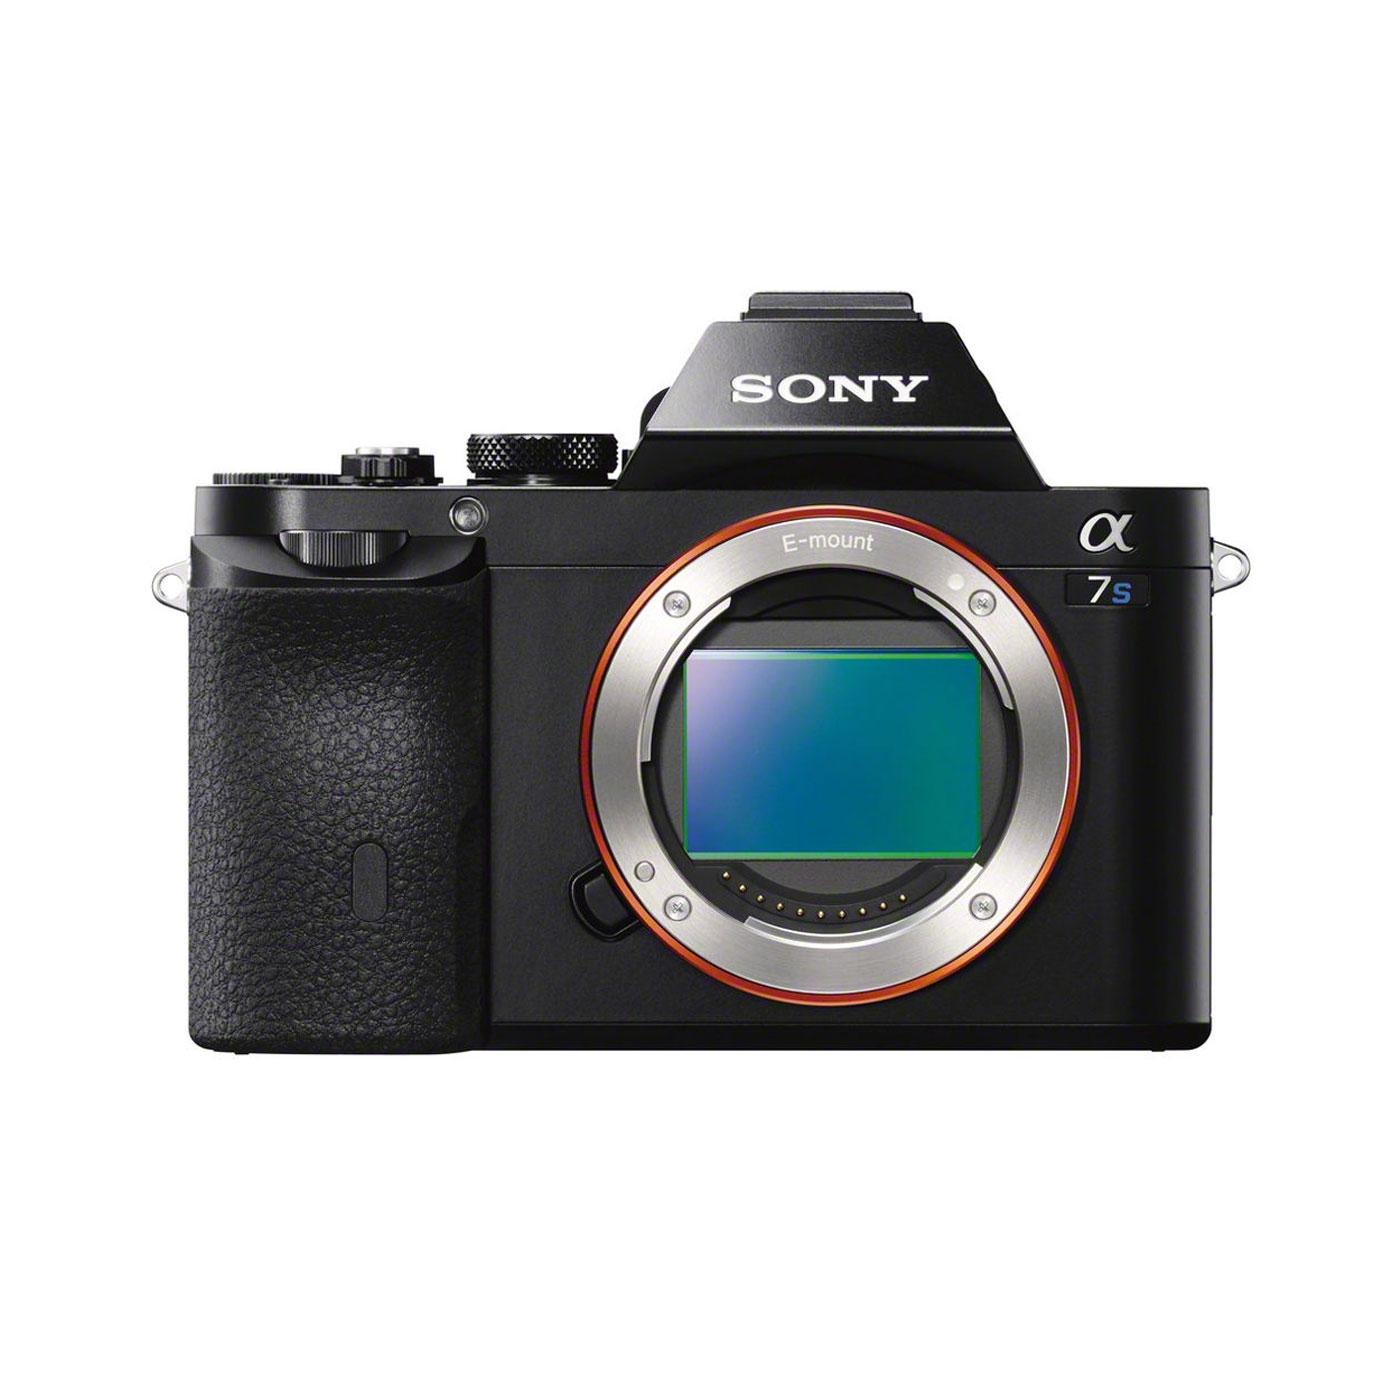 SONY • A7S Camera • 2500 USD